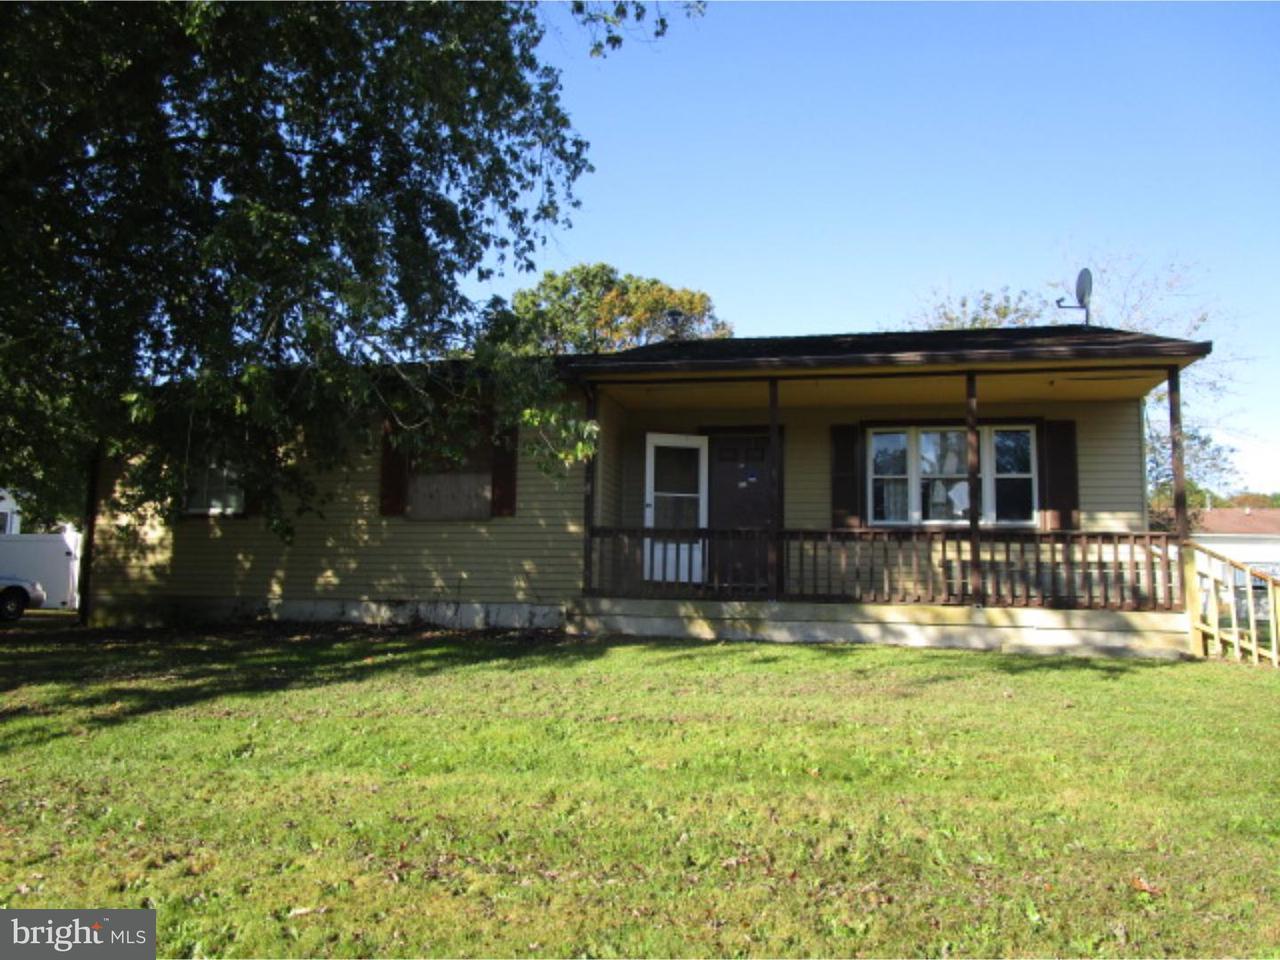 Частный односемейный дом для того Продажа на 508 MARTINELLI Avenue Minotola, Нью-Джерси 08341 Соединенные Штаты